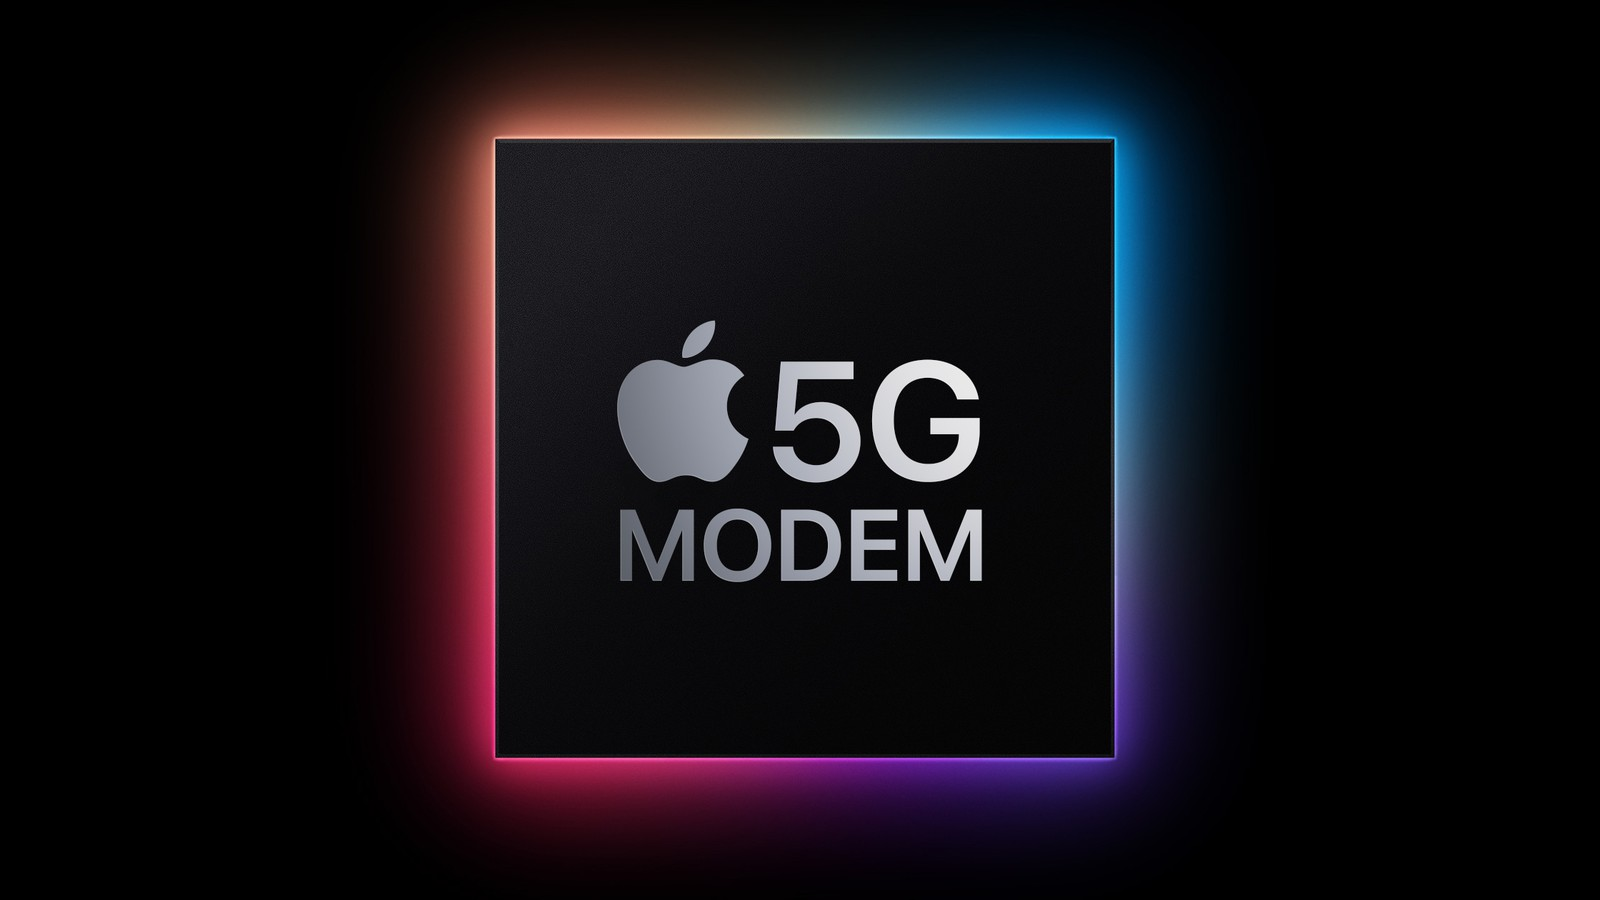 不再依赖高通 2023年开始iPhone或使用自家5G基带芯片